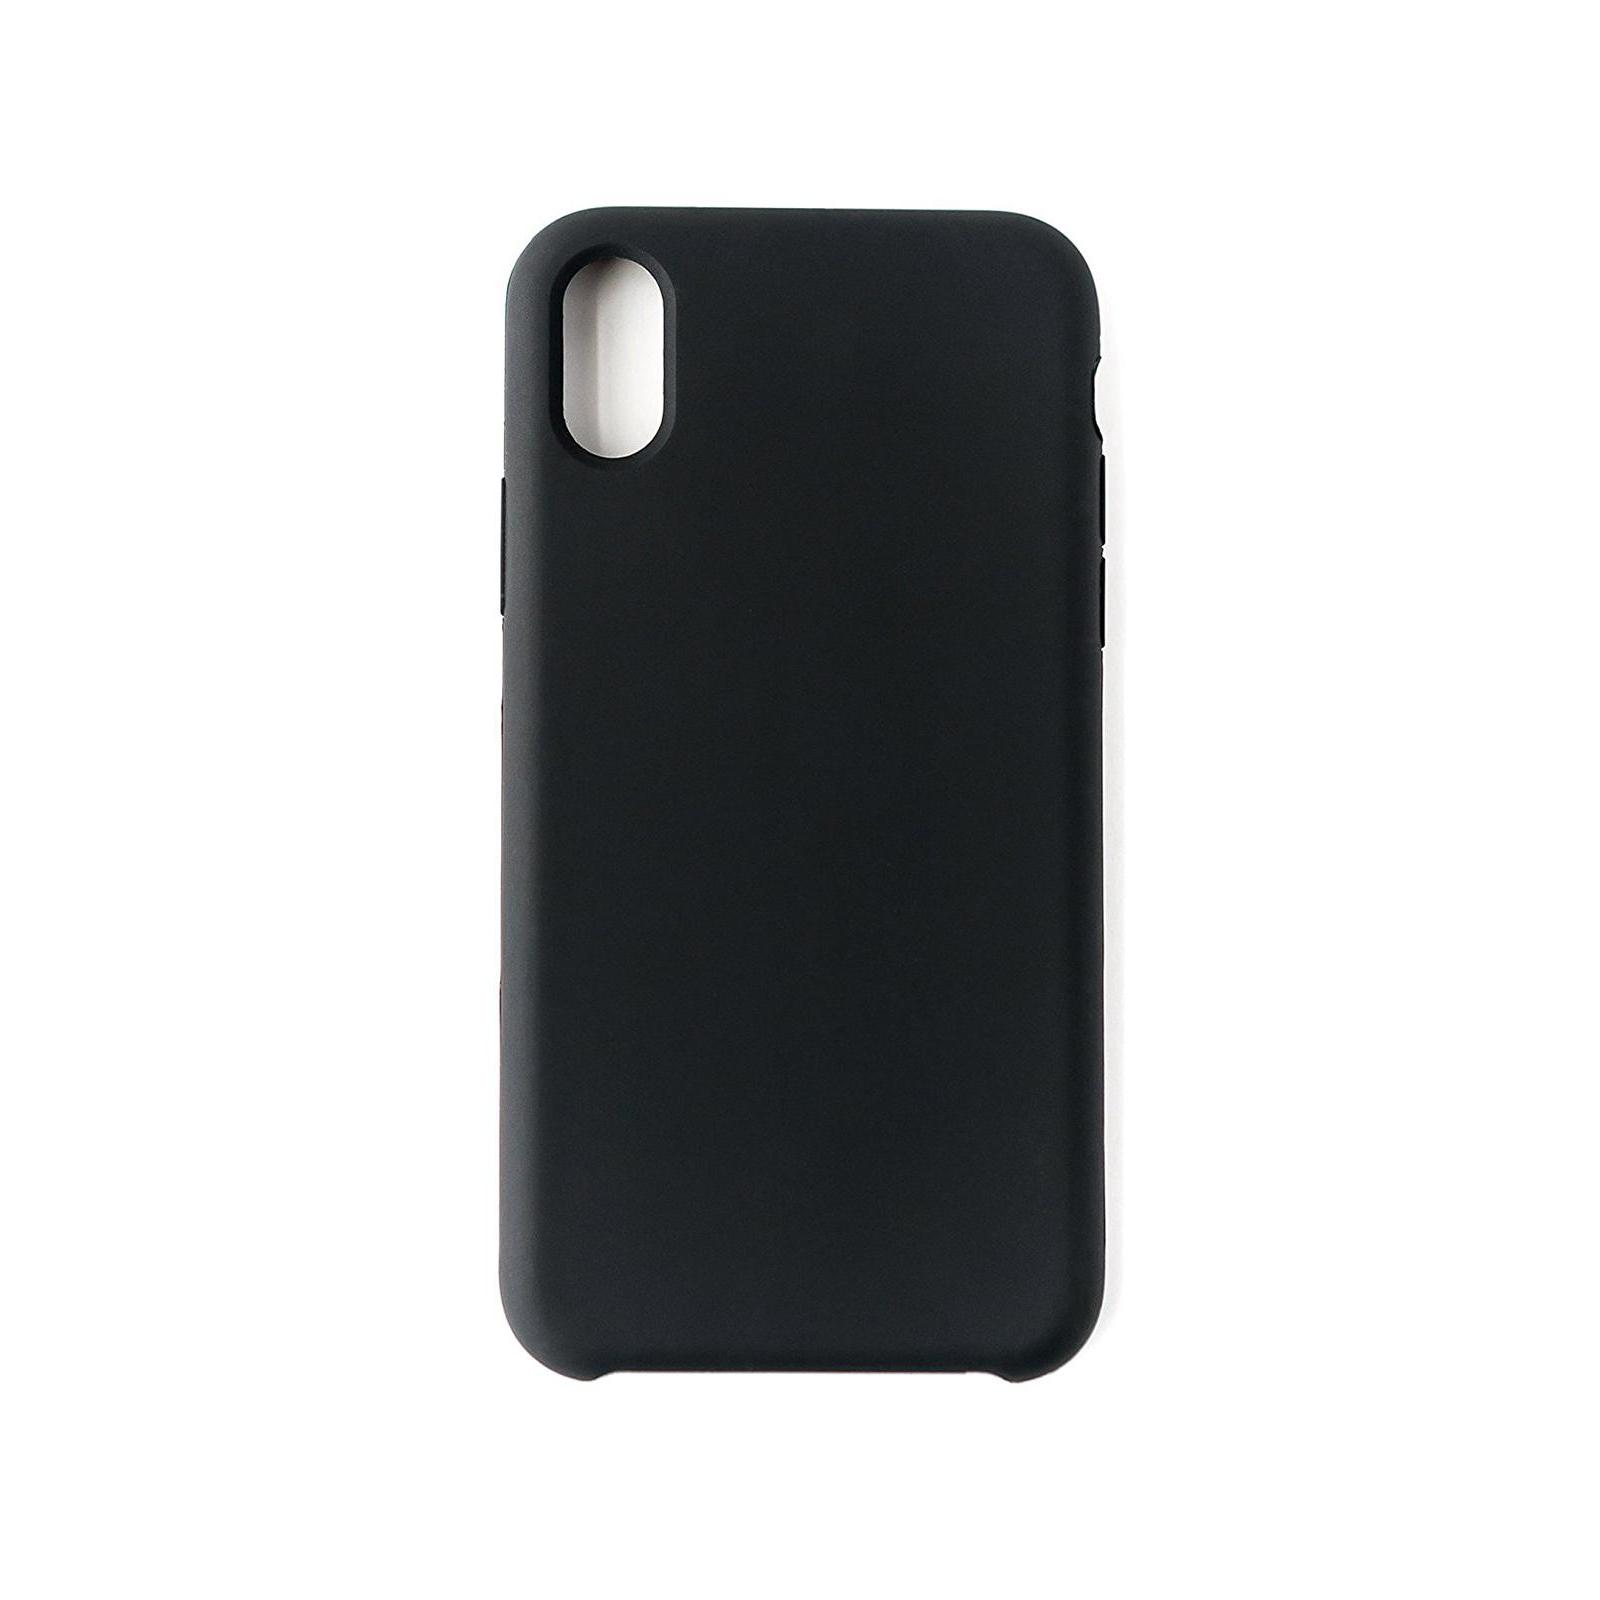 Чехол для моб. телефона Laudtec для iPhone X/XS liquid case (black) (LT-IXLC) изображение 6